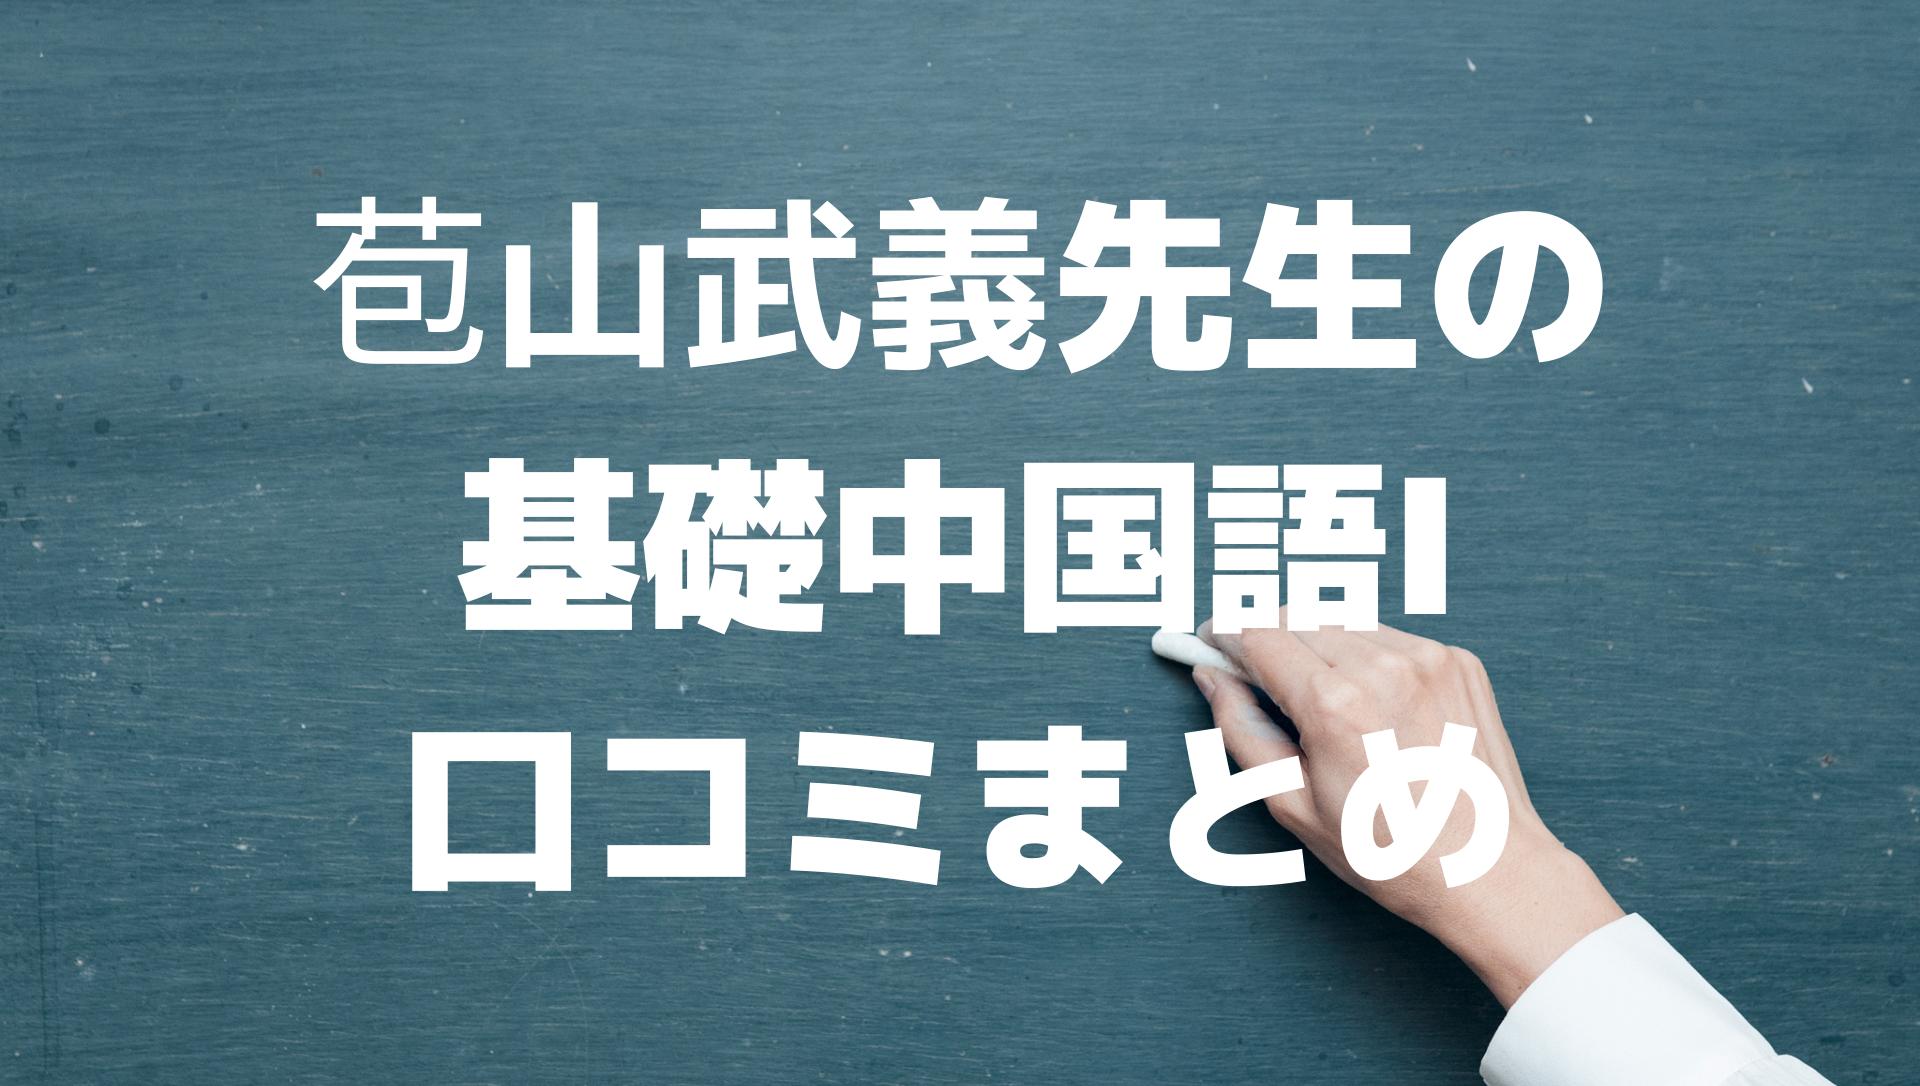 苞山武義先生の基礎中国語I